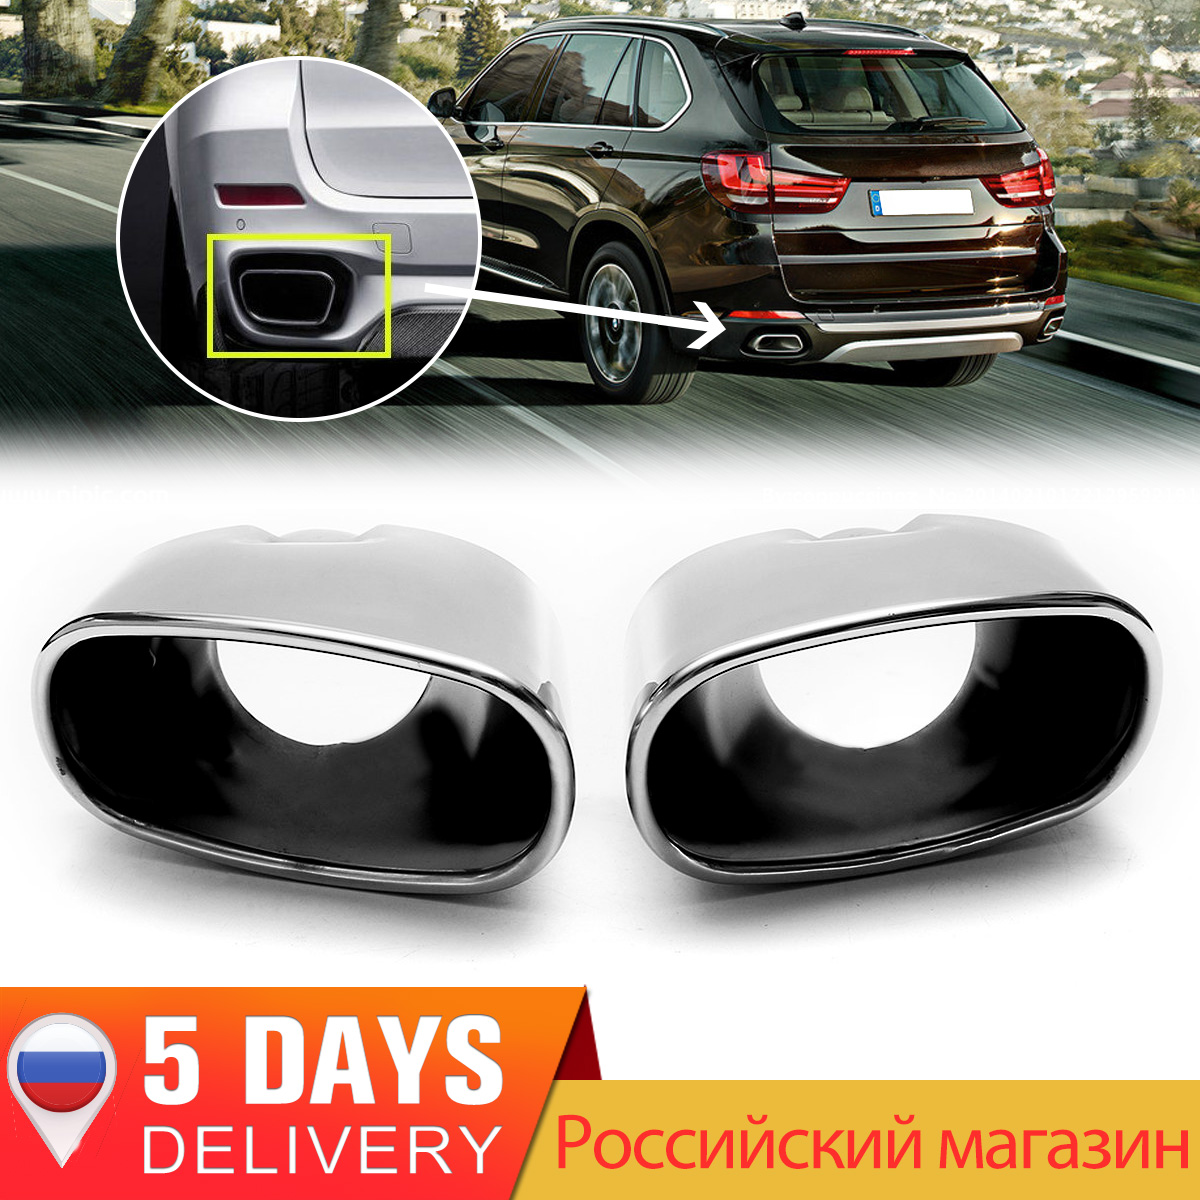 Paire De Voiture Chrome D'échappement Décoration Double Tuyau D'échappement Bout de Silencieux En Acier Inoxydable pour BMW X5 E70 2000 01 02 03 04 05 06 07 à 2016